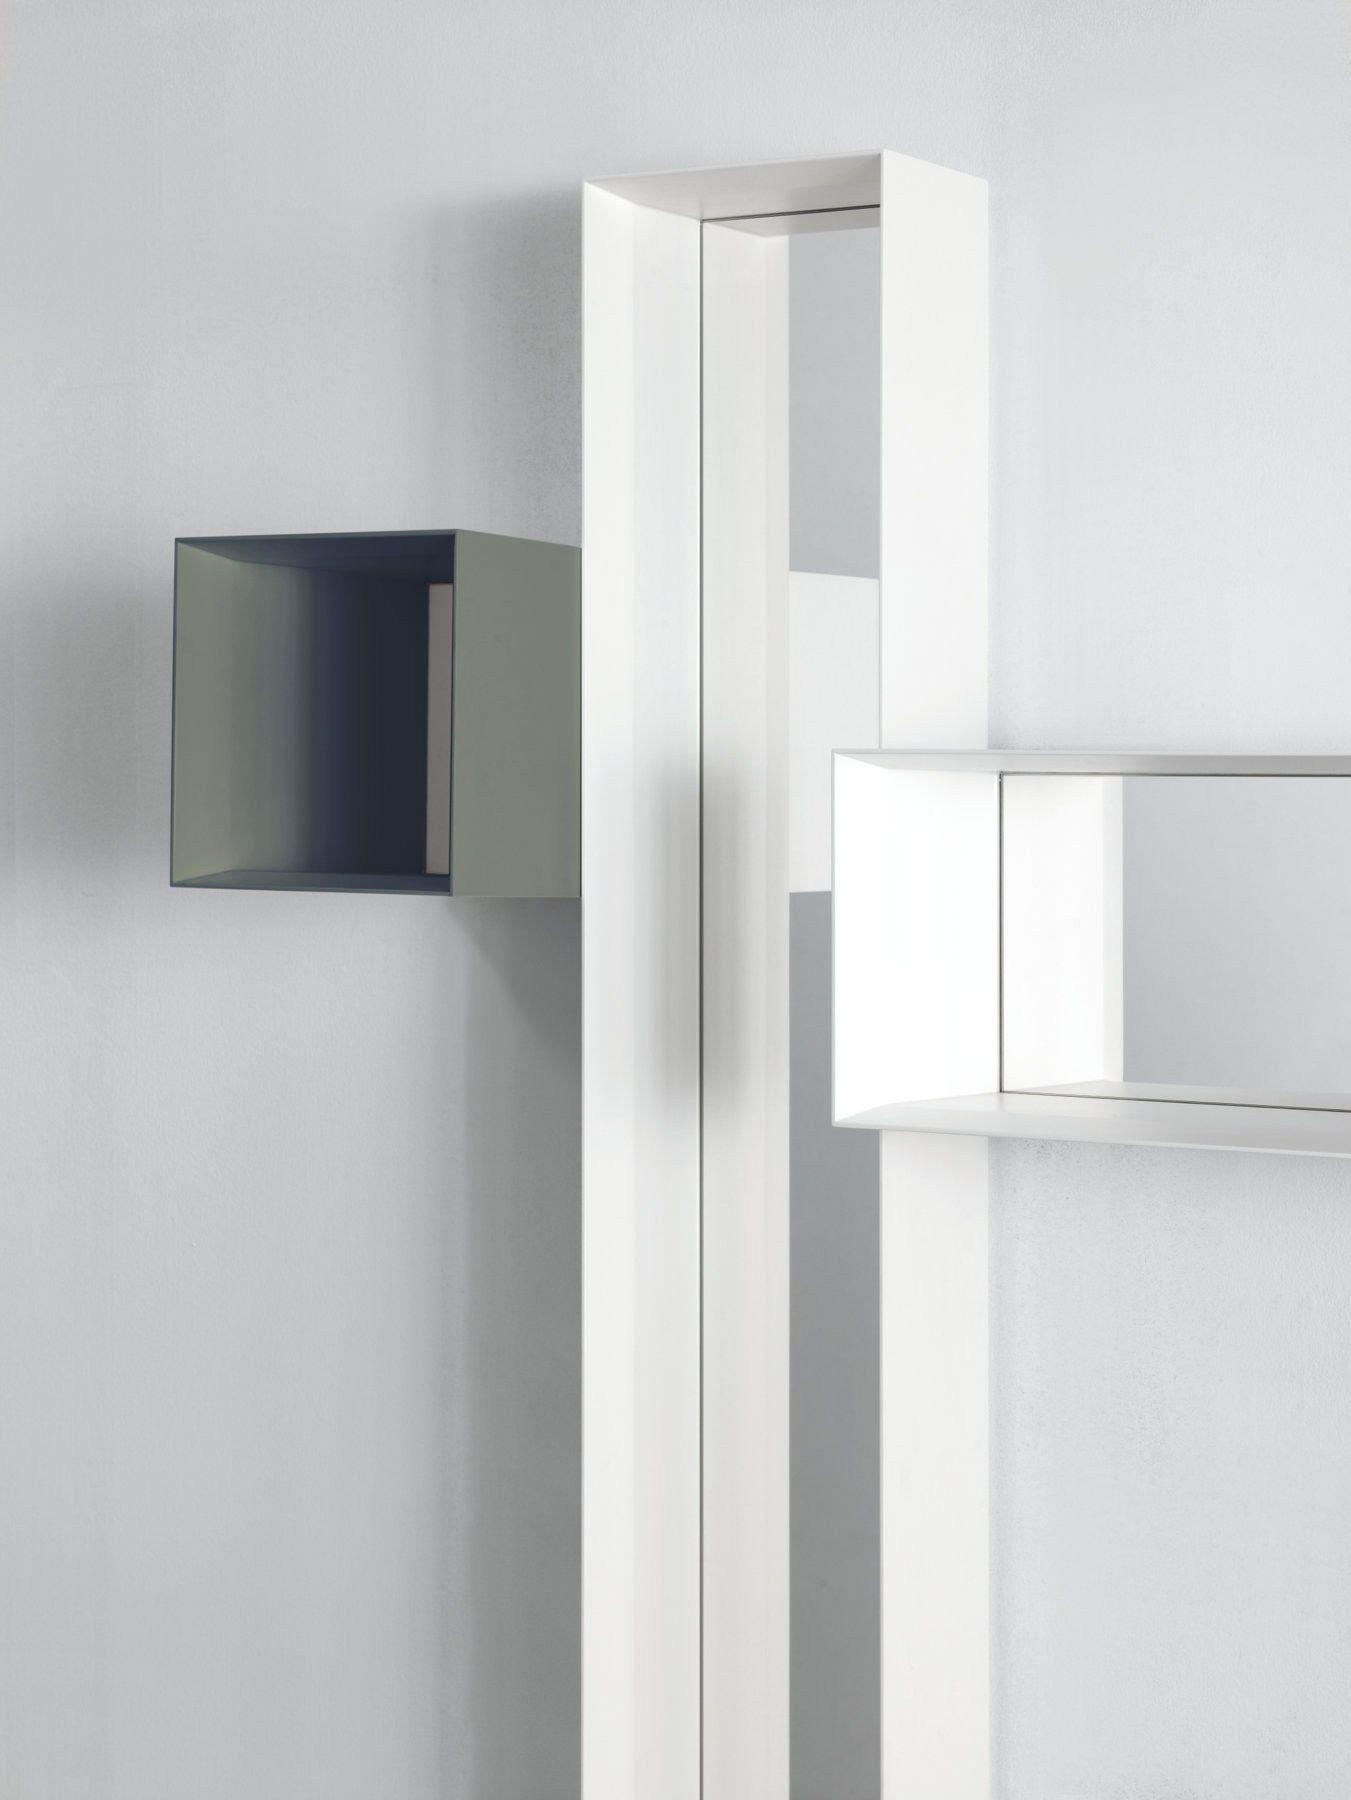 Specchio A Parete Con Cornice Mirrod By Punt Design